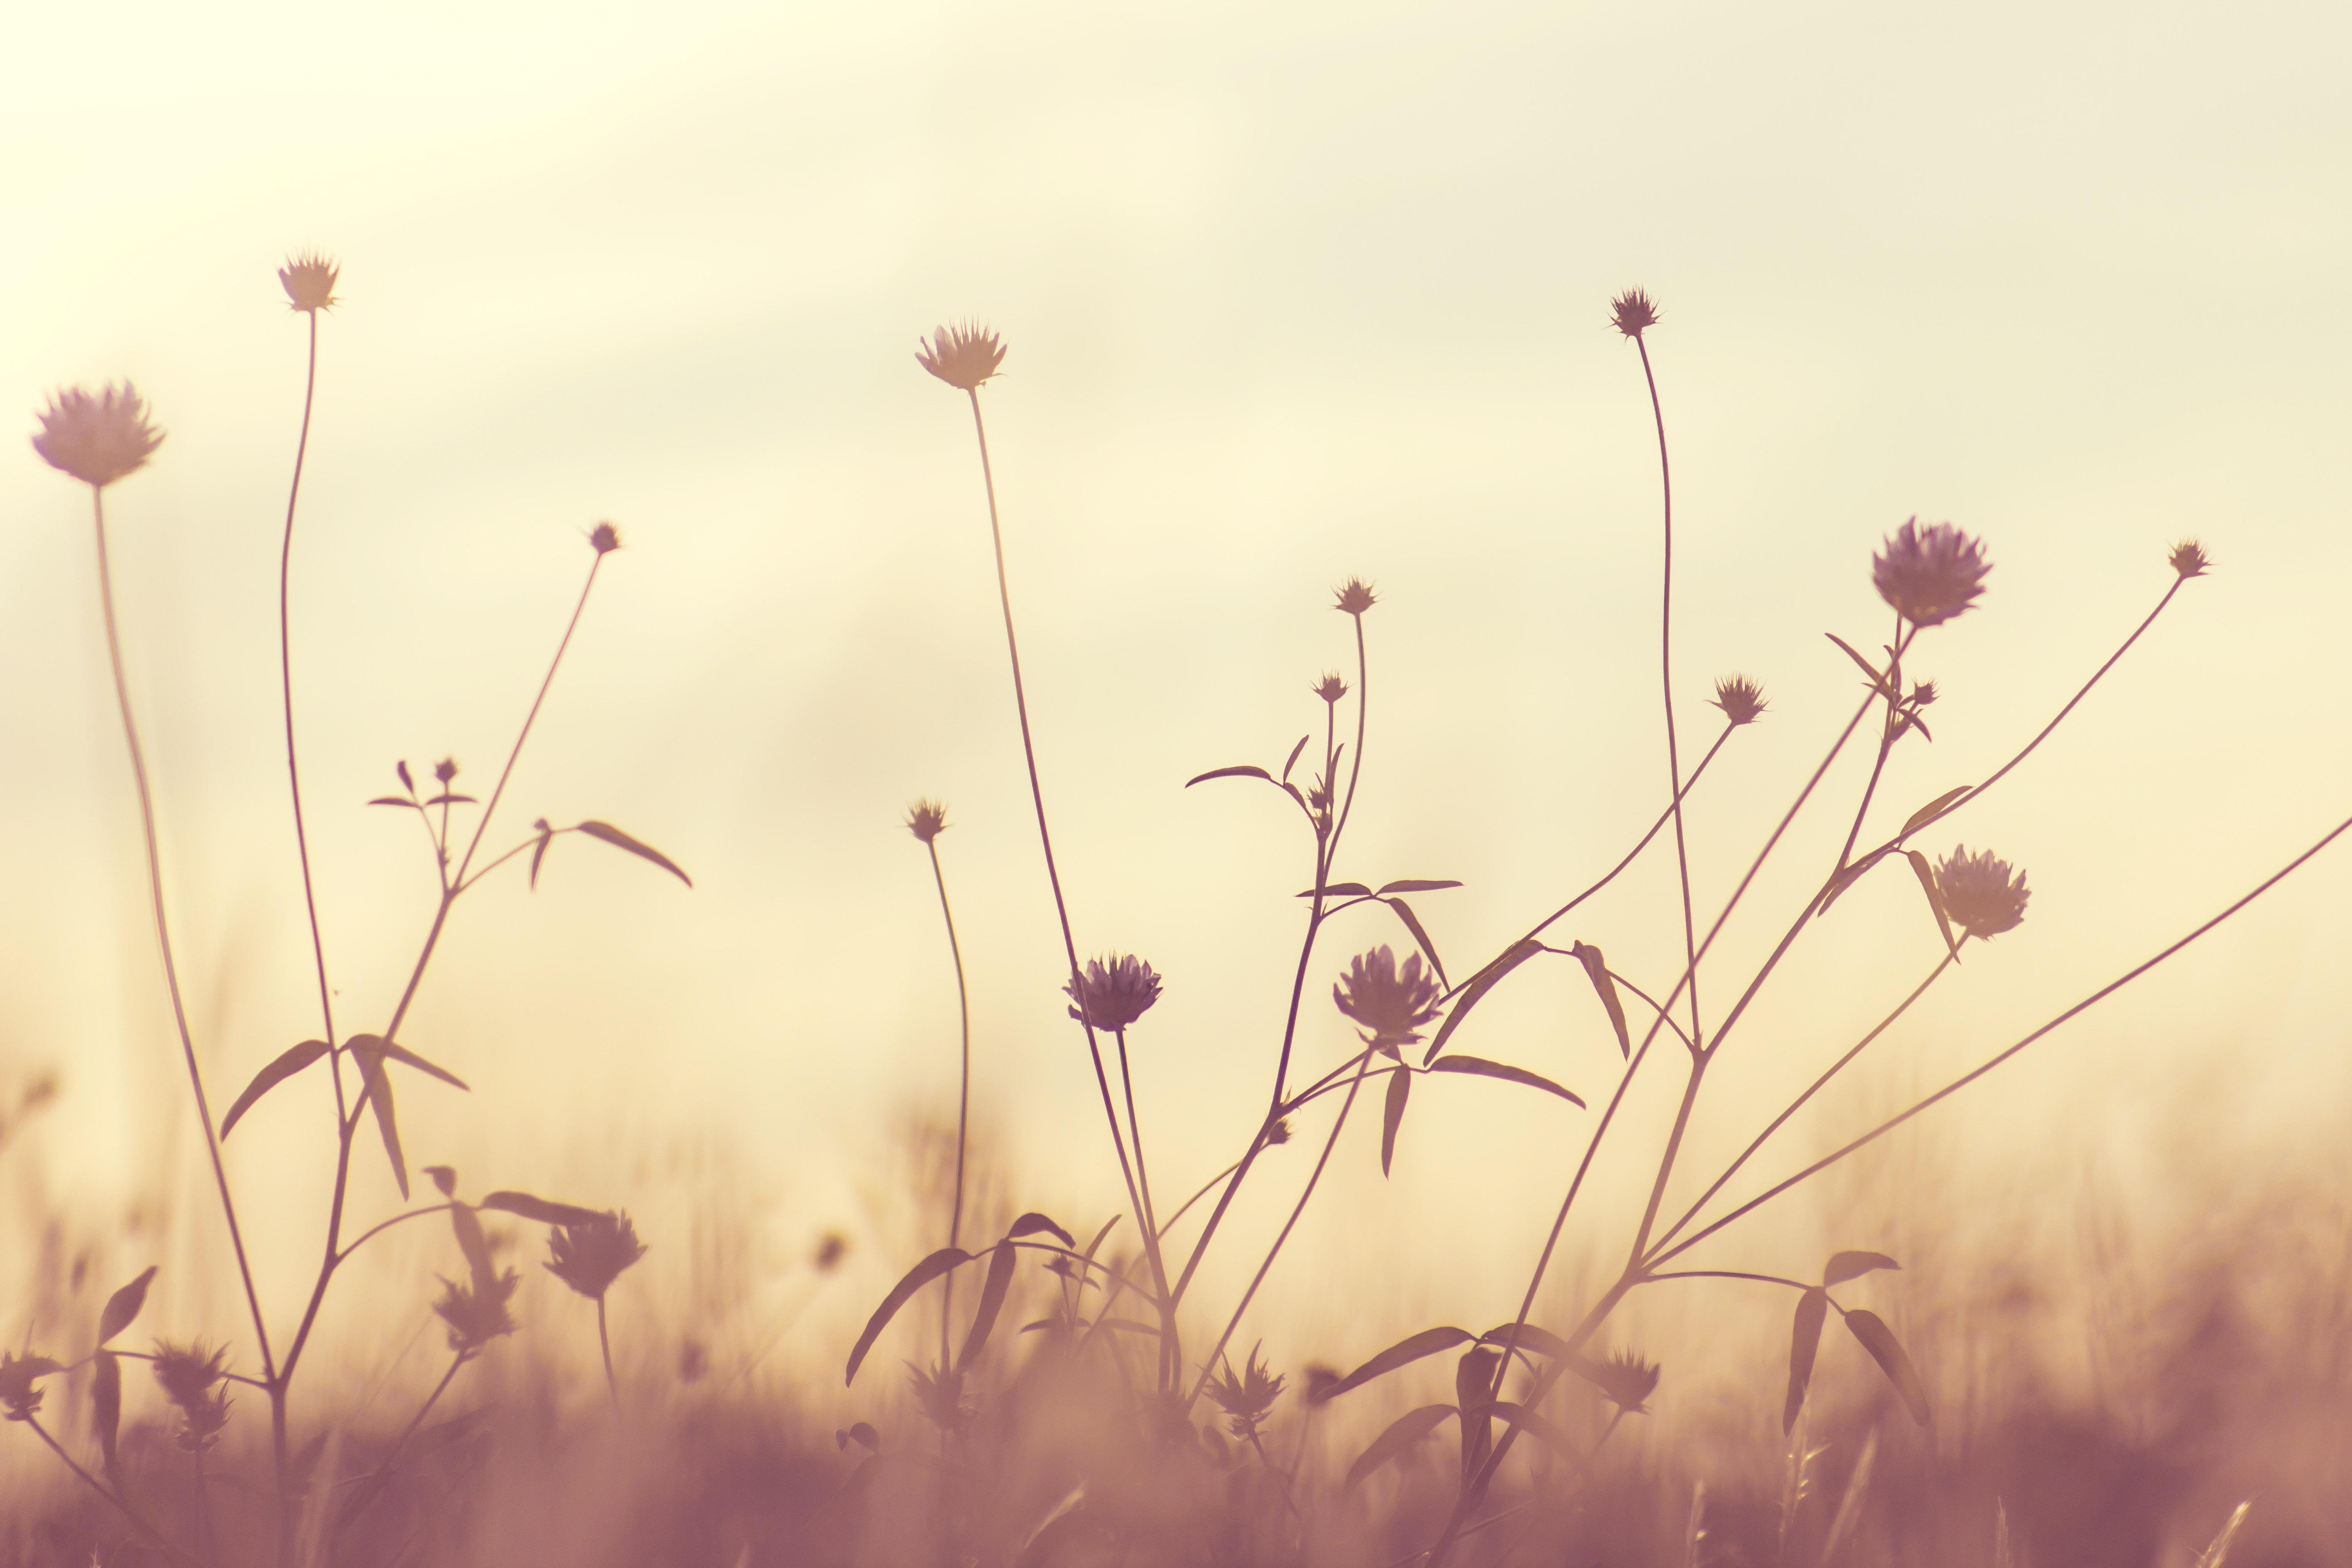 /var/www/html/wp-content/uploads/2018/11/bloom-blossom-flora-114735